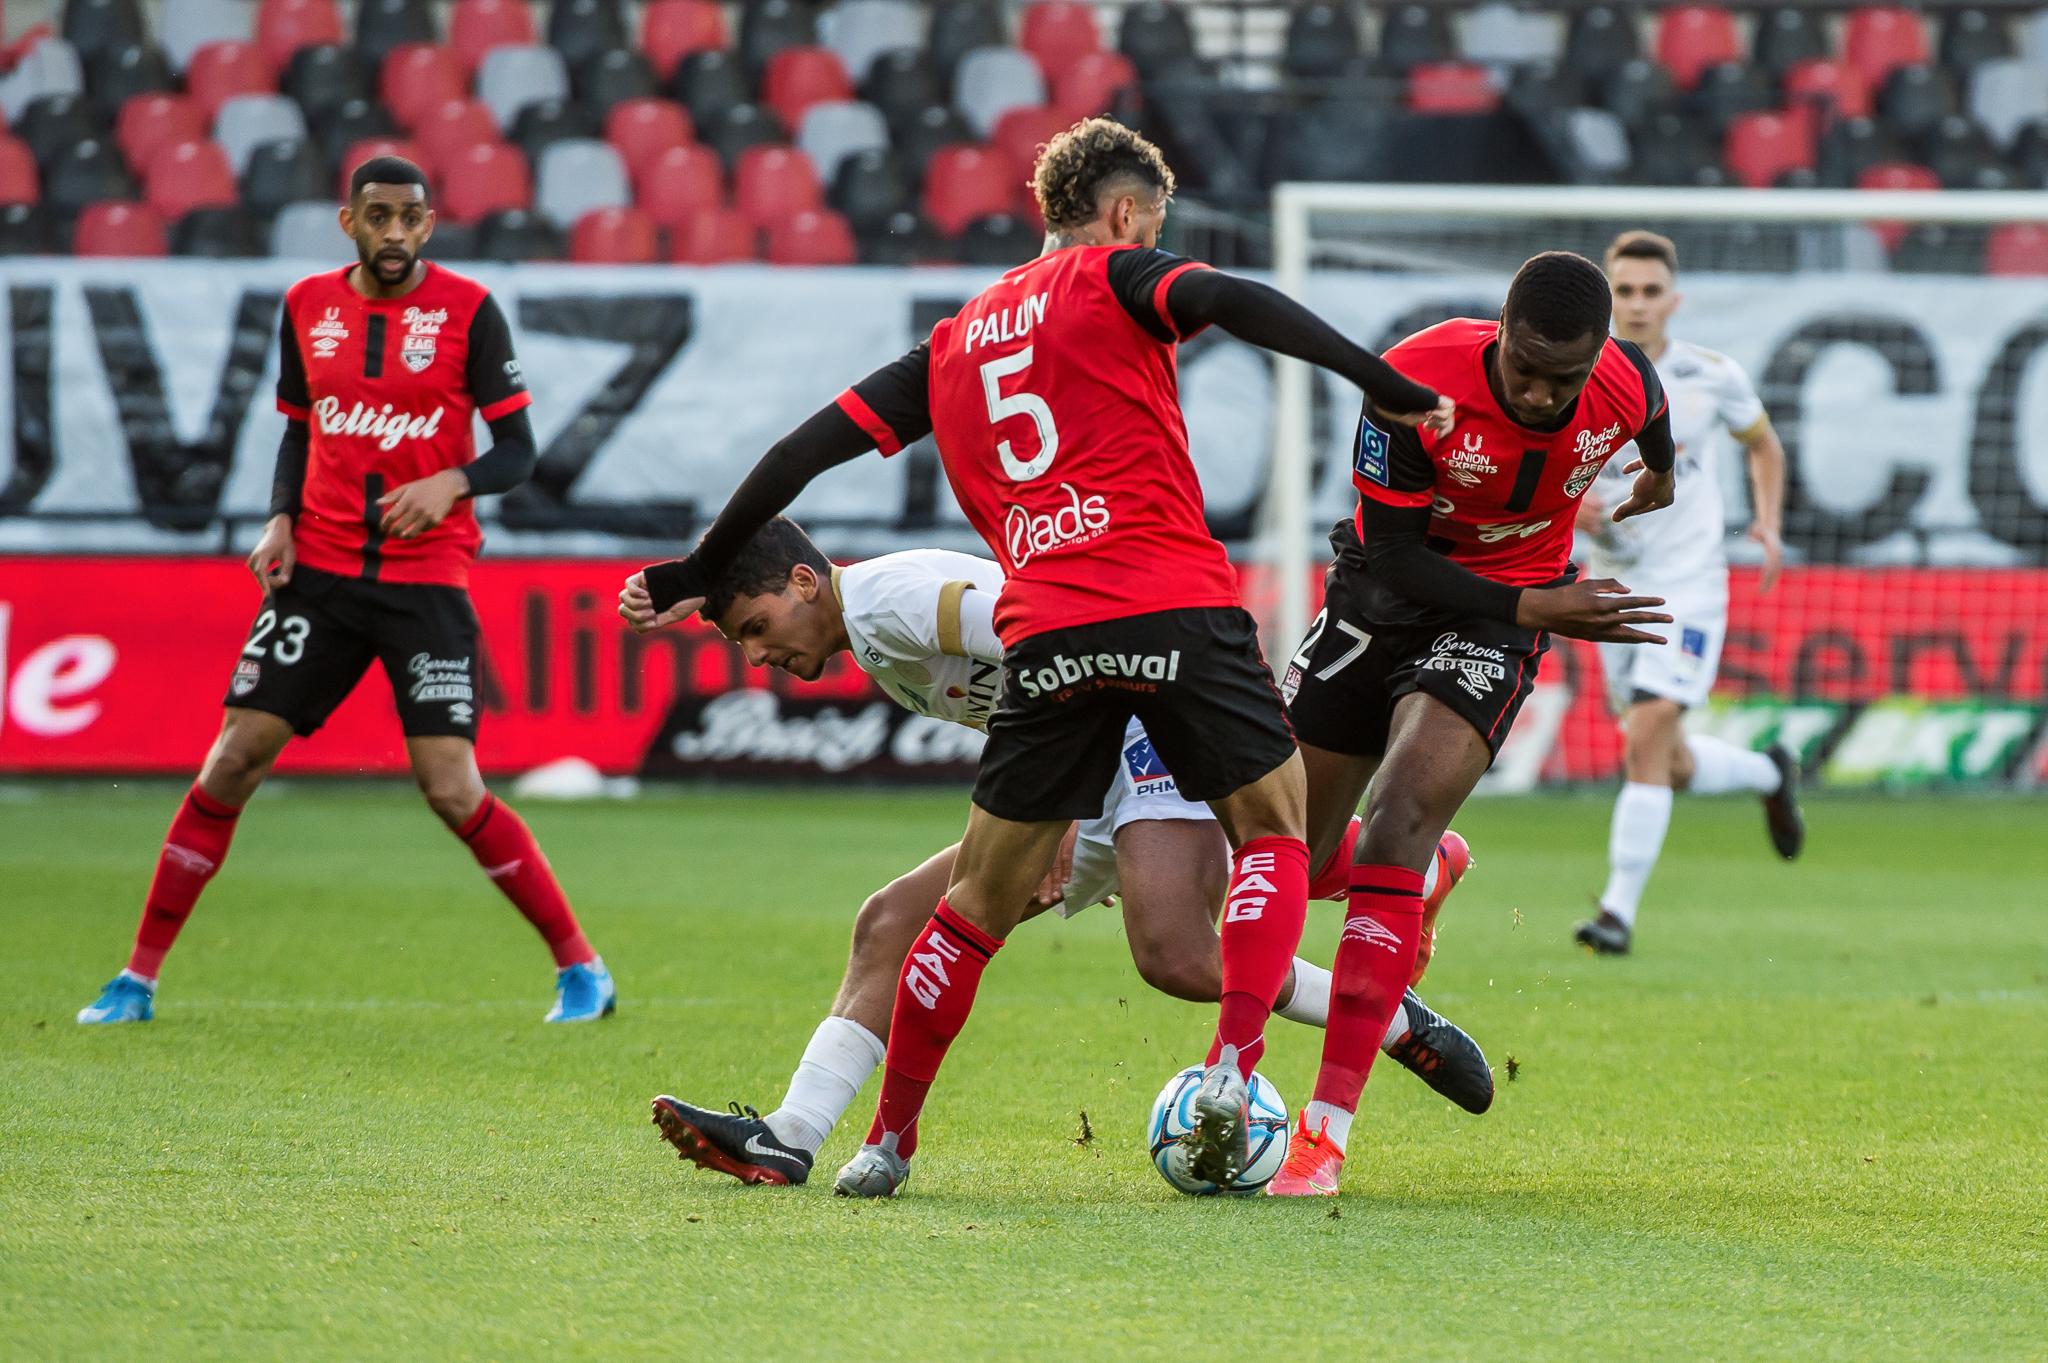 EA Guingamp La Berrichonne Châteauroux J37 Ligue 2 BKT EAGLBC 2-0 Stade de Roudourou FRA_5499